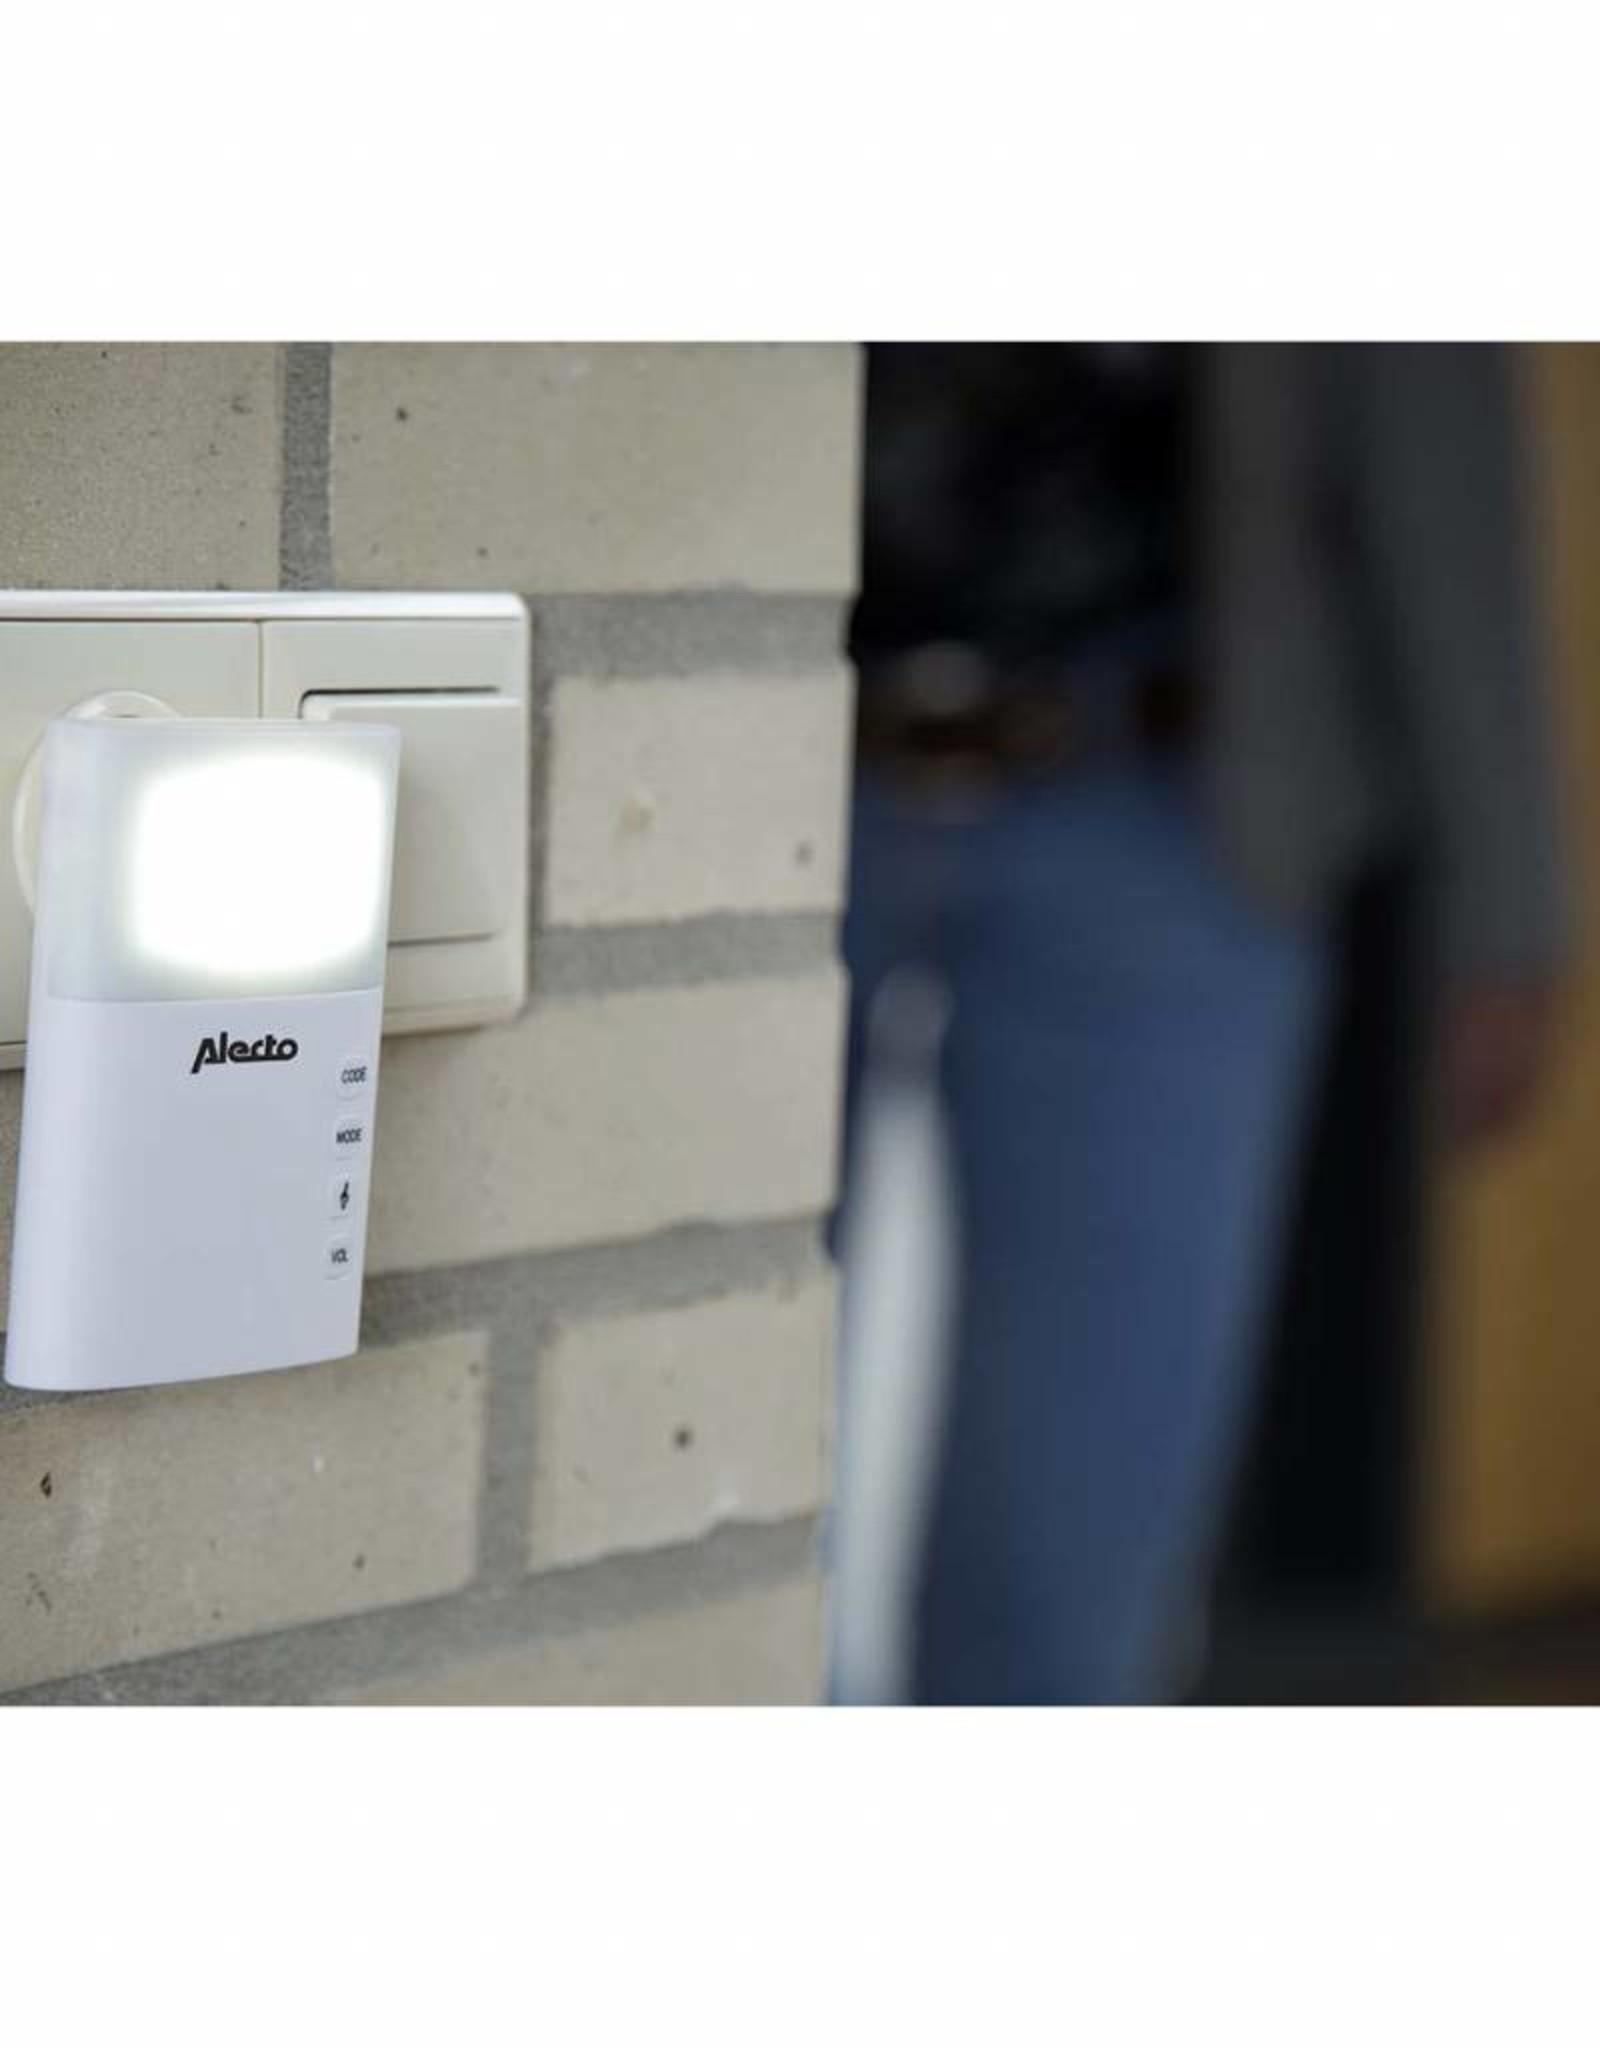 Alecto Plug-in Draadloze Deurbel Set 220V 36 Melodieën / LED-Indicator Met Flits